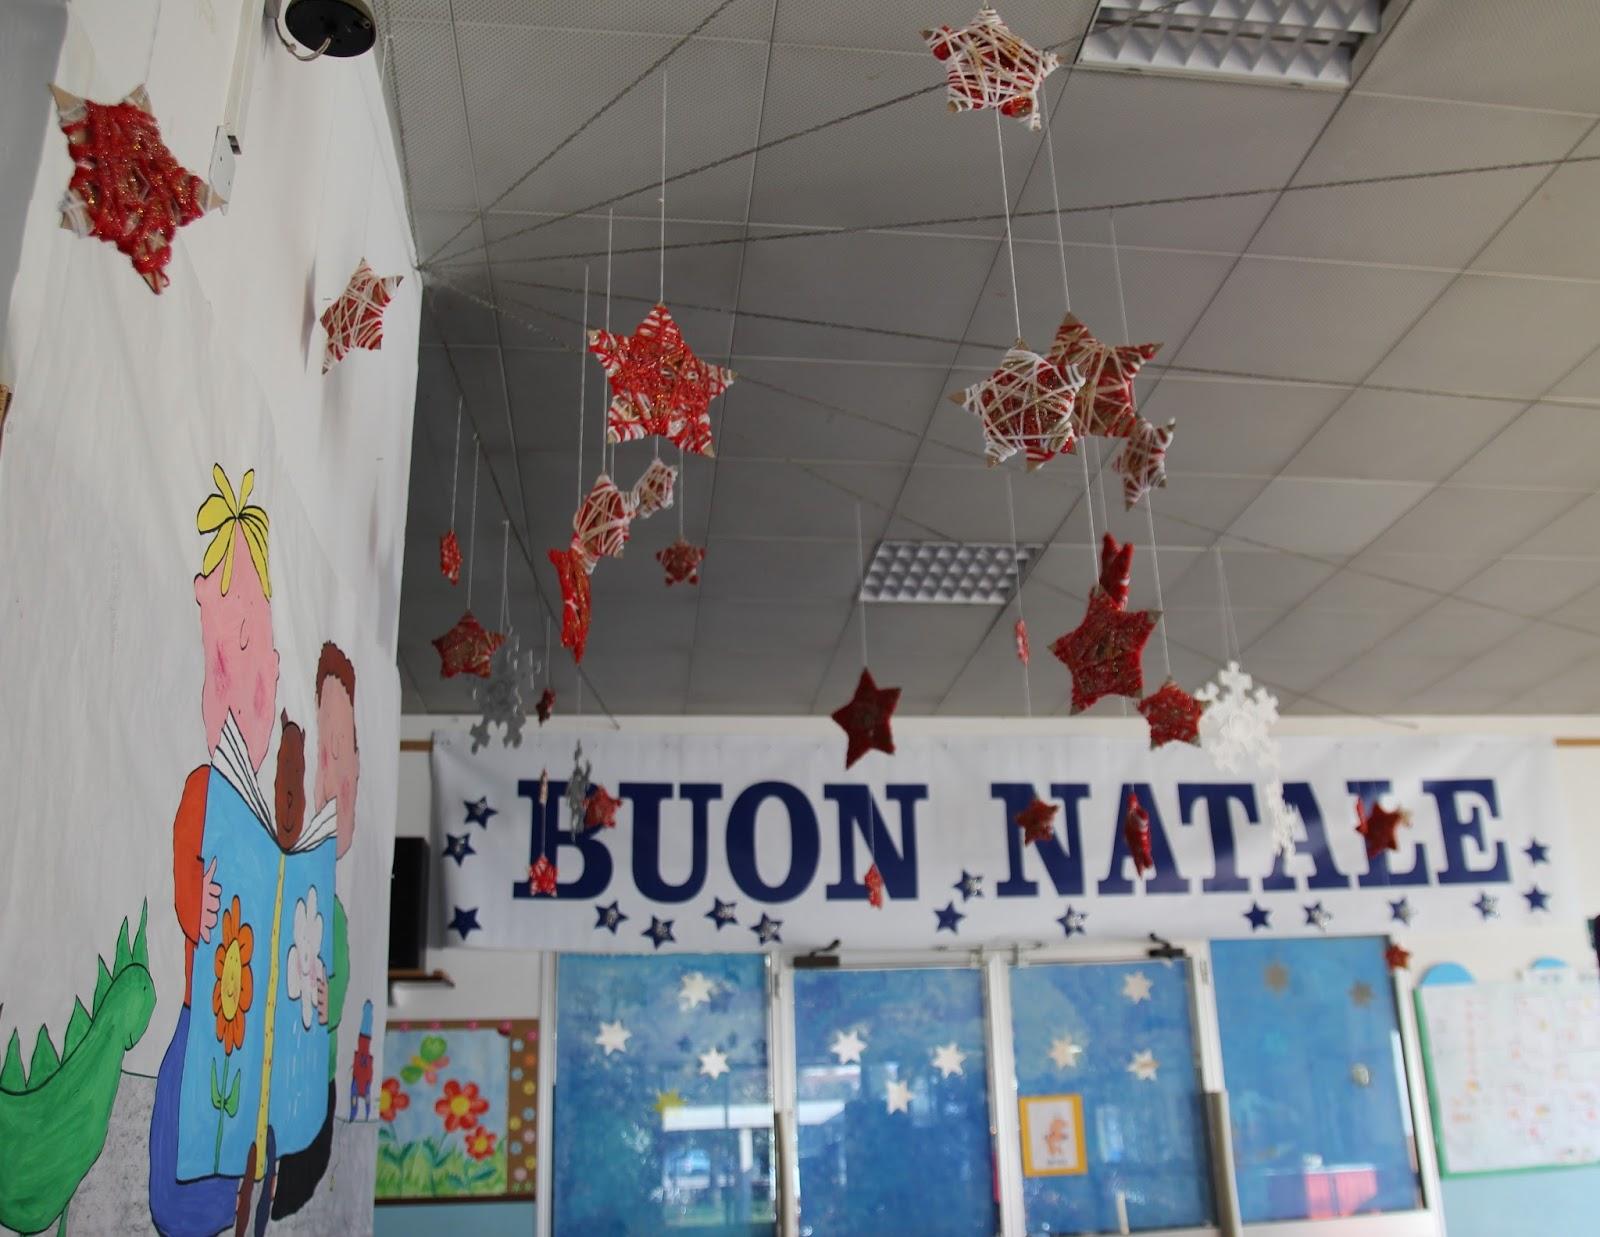 Addobbi natalizi per il salone scuola dell 39 infanzia for Addobbi di natale per bambini scuola infanzia